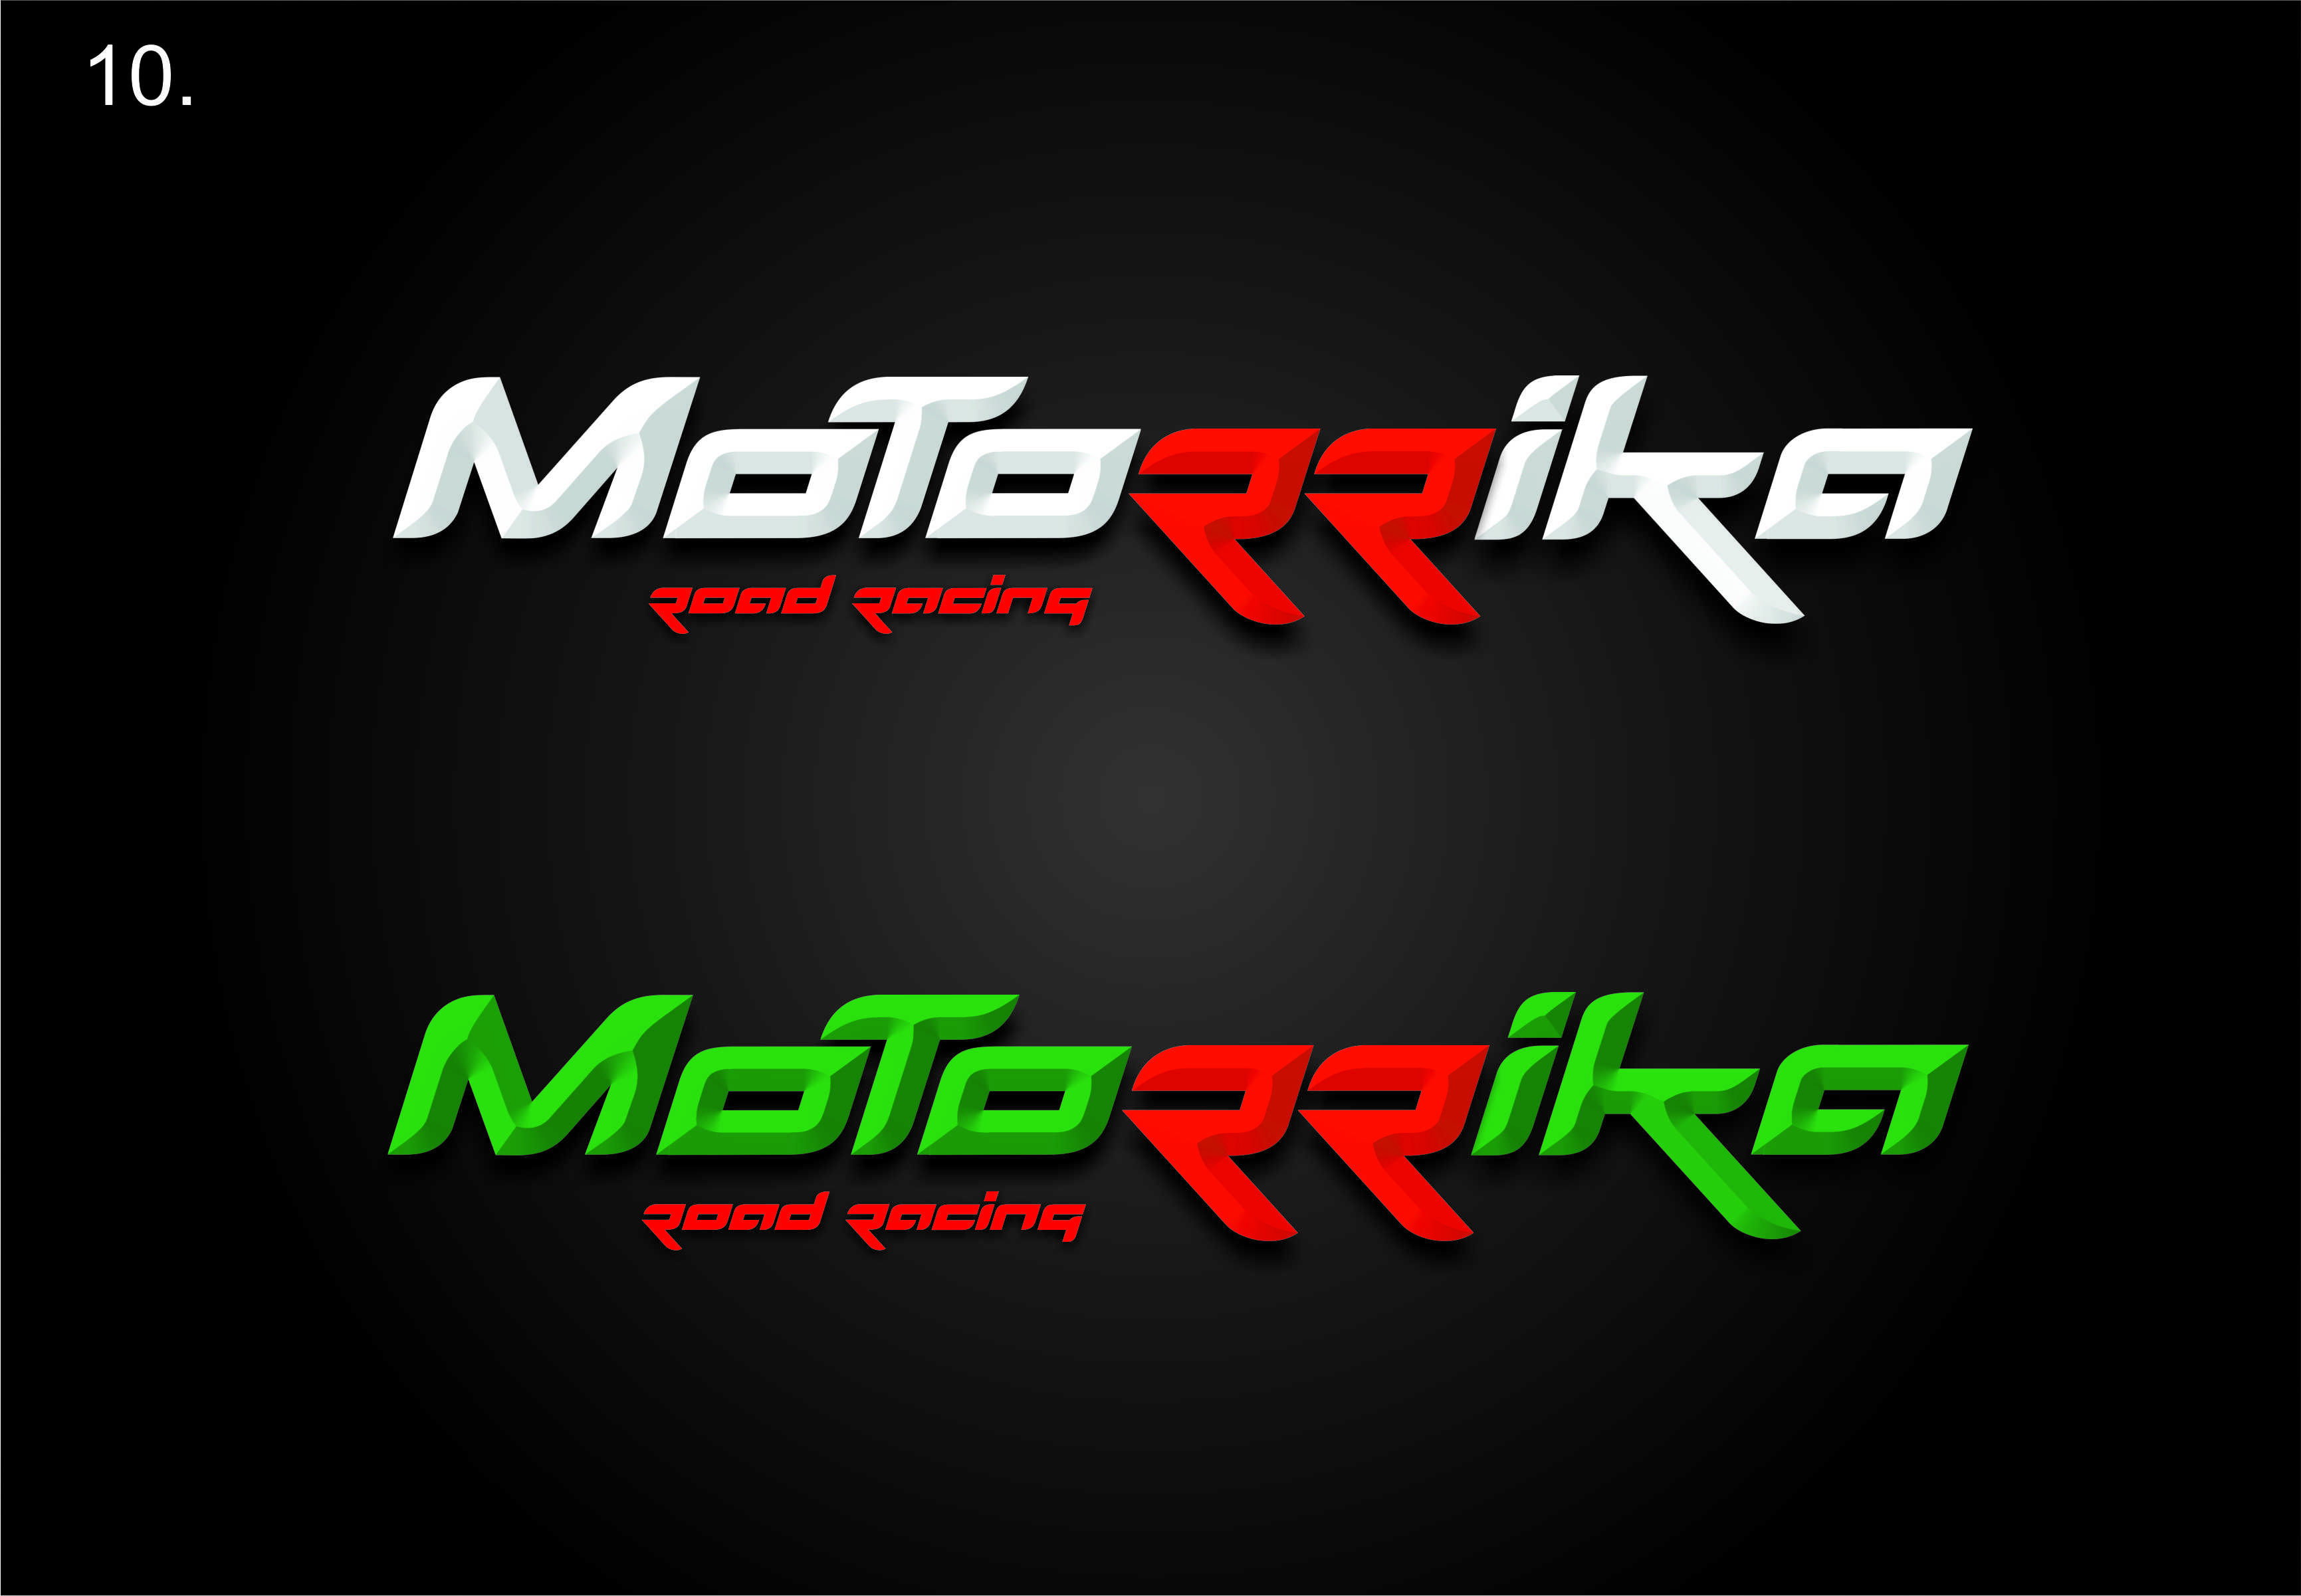 Мотогонки. Логотип, фирменный стиль. фото f_4dc1824390bcb.jpg